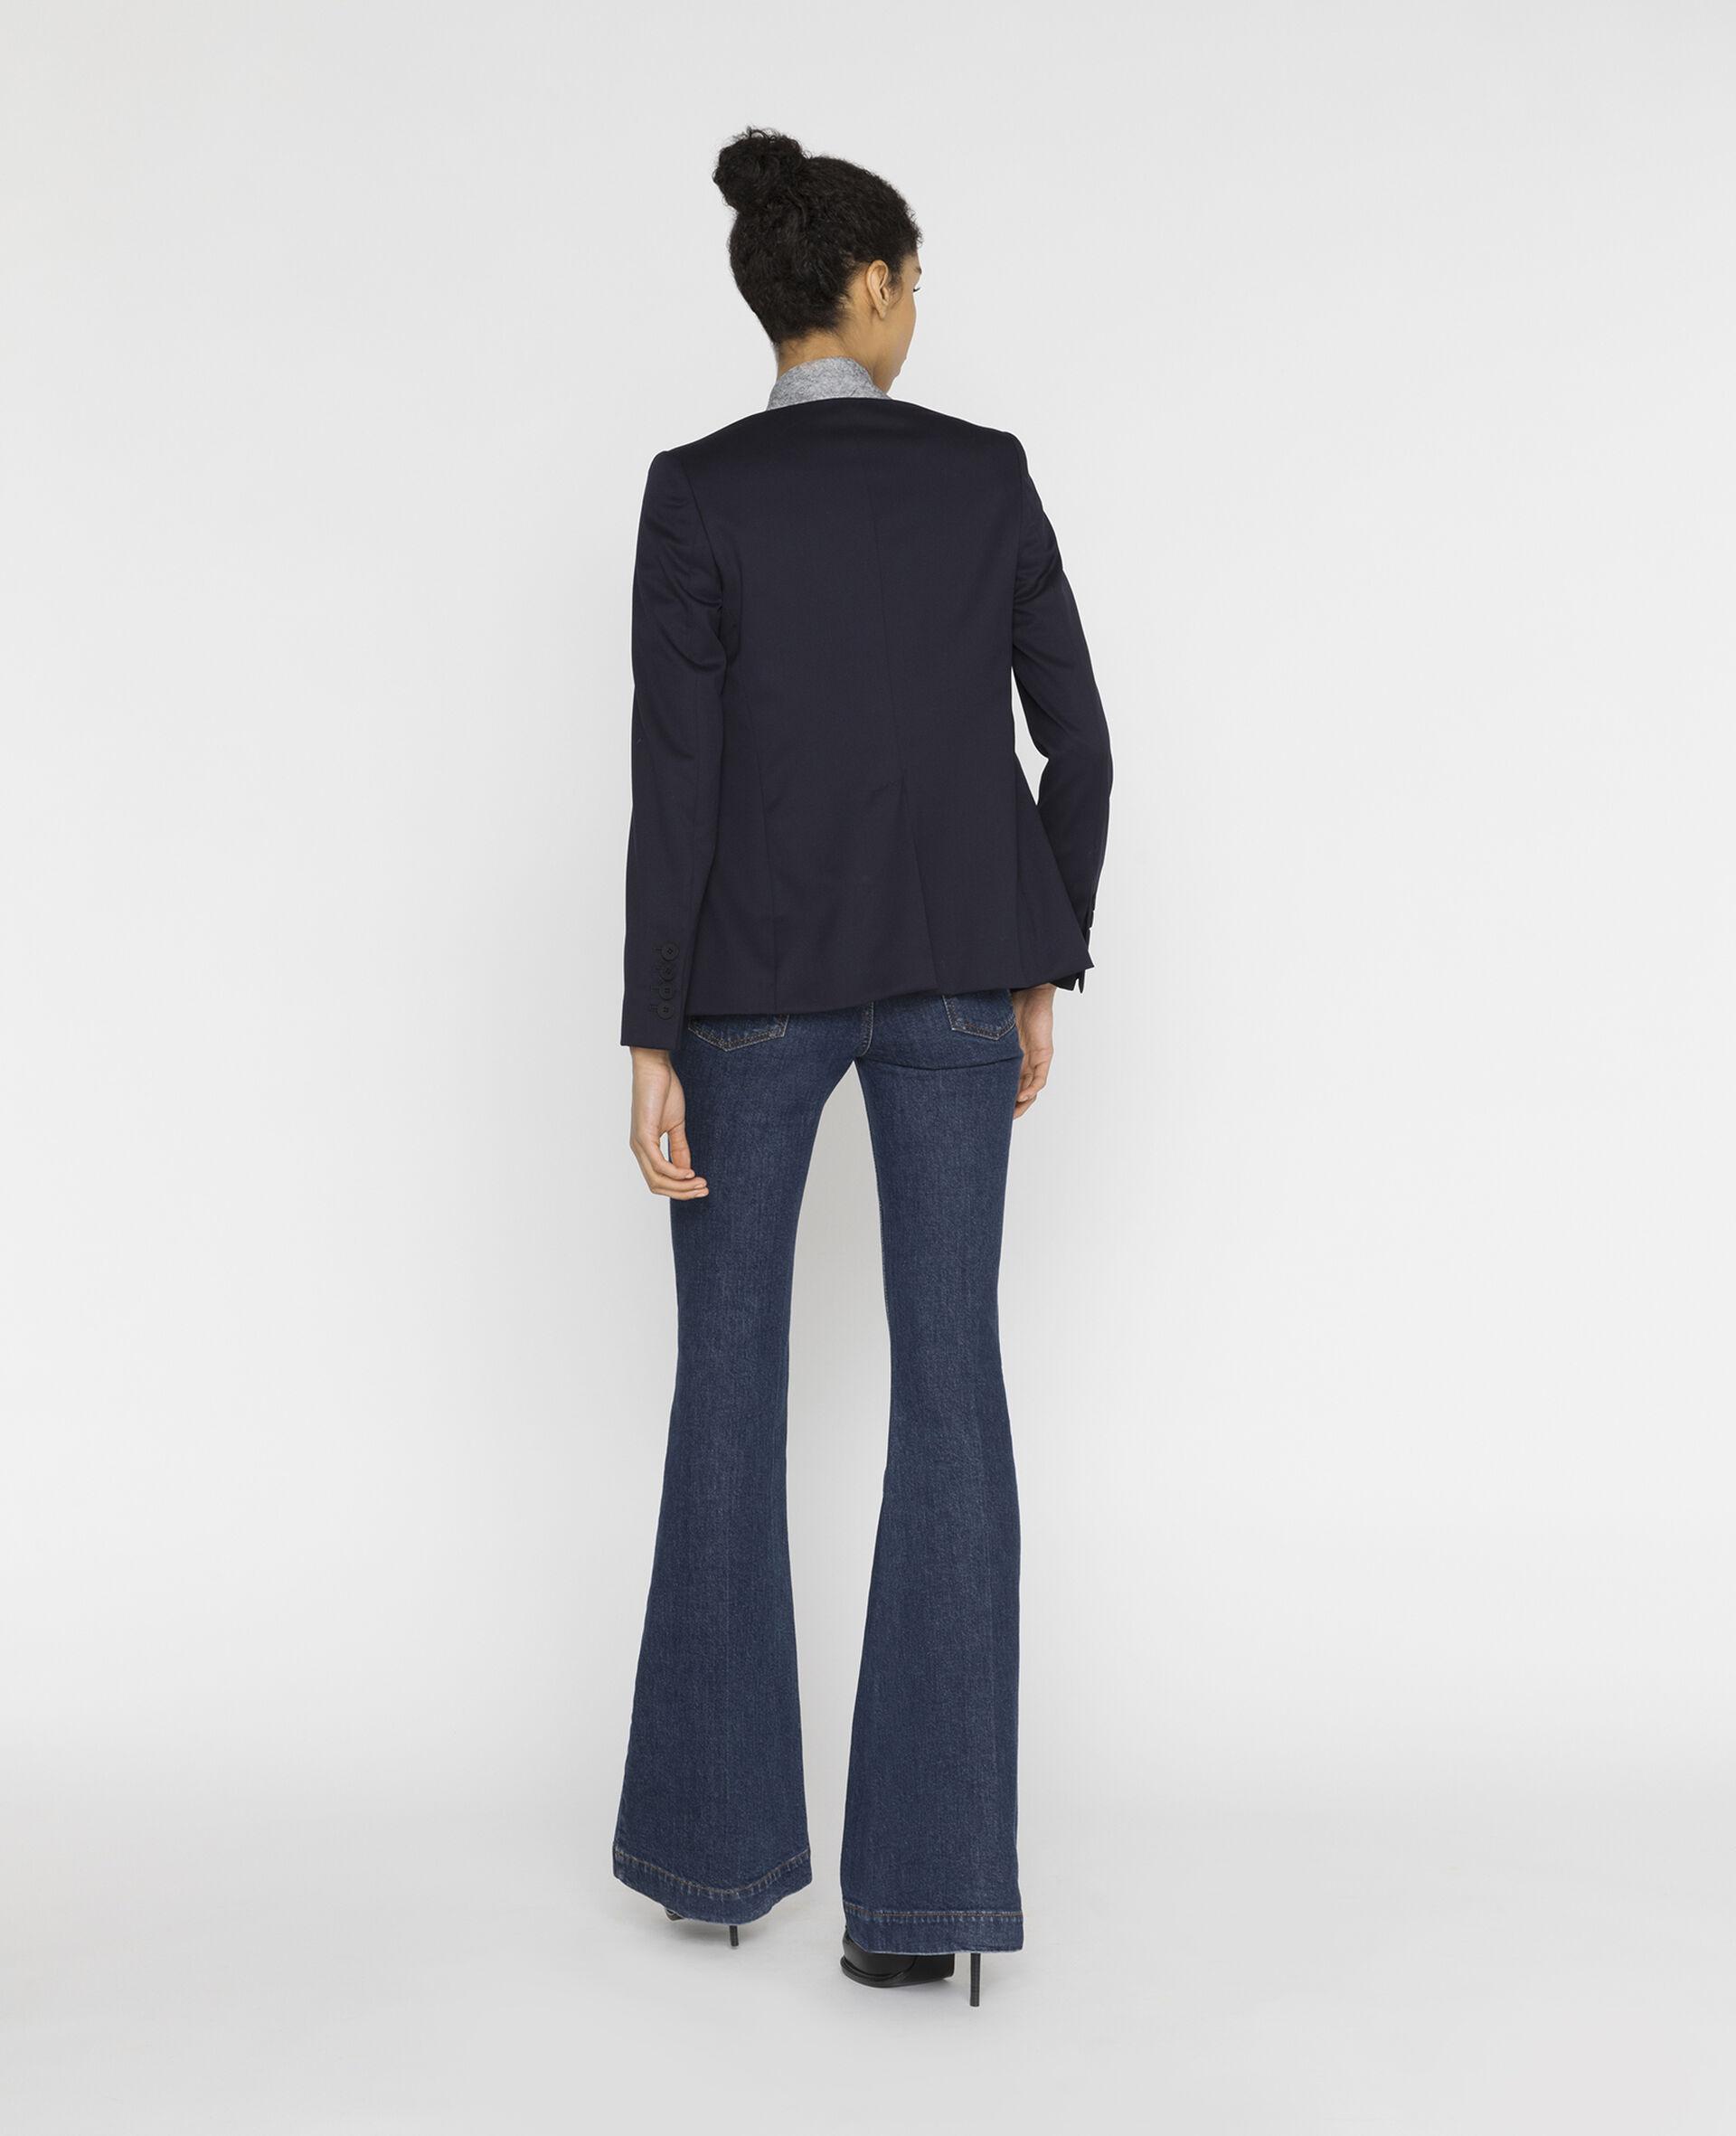 Jacke Fleur-Blau-large image number 2